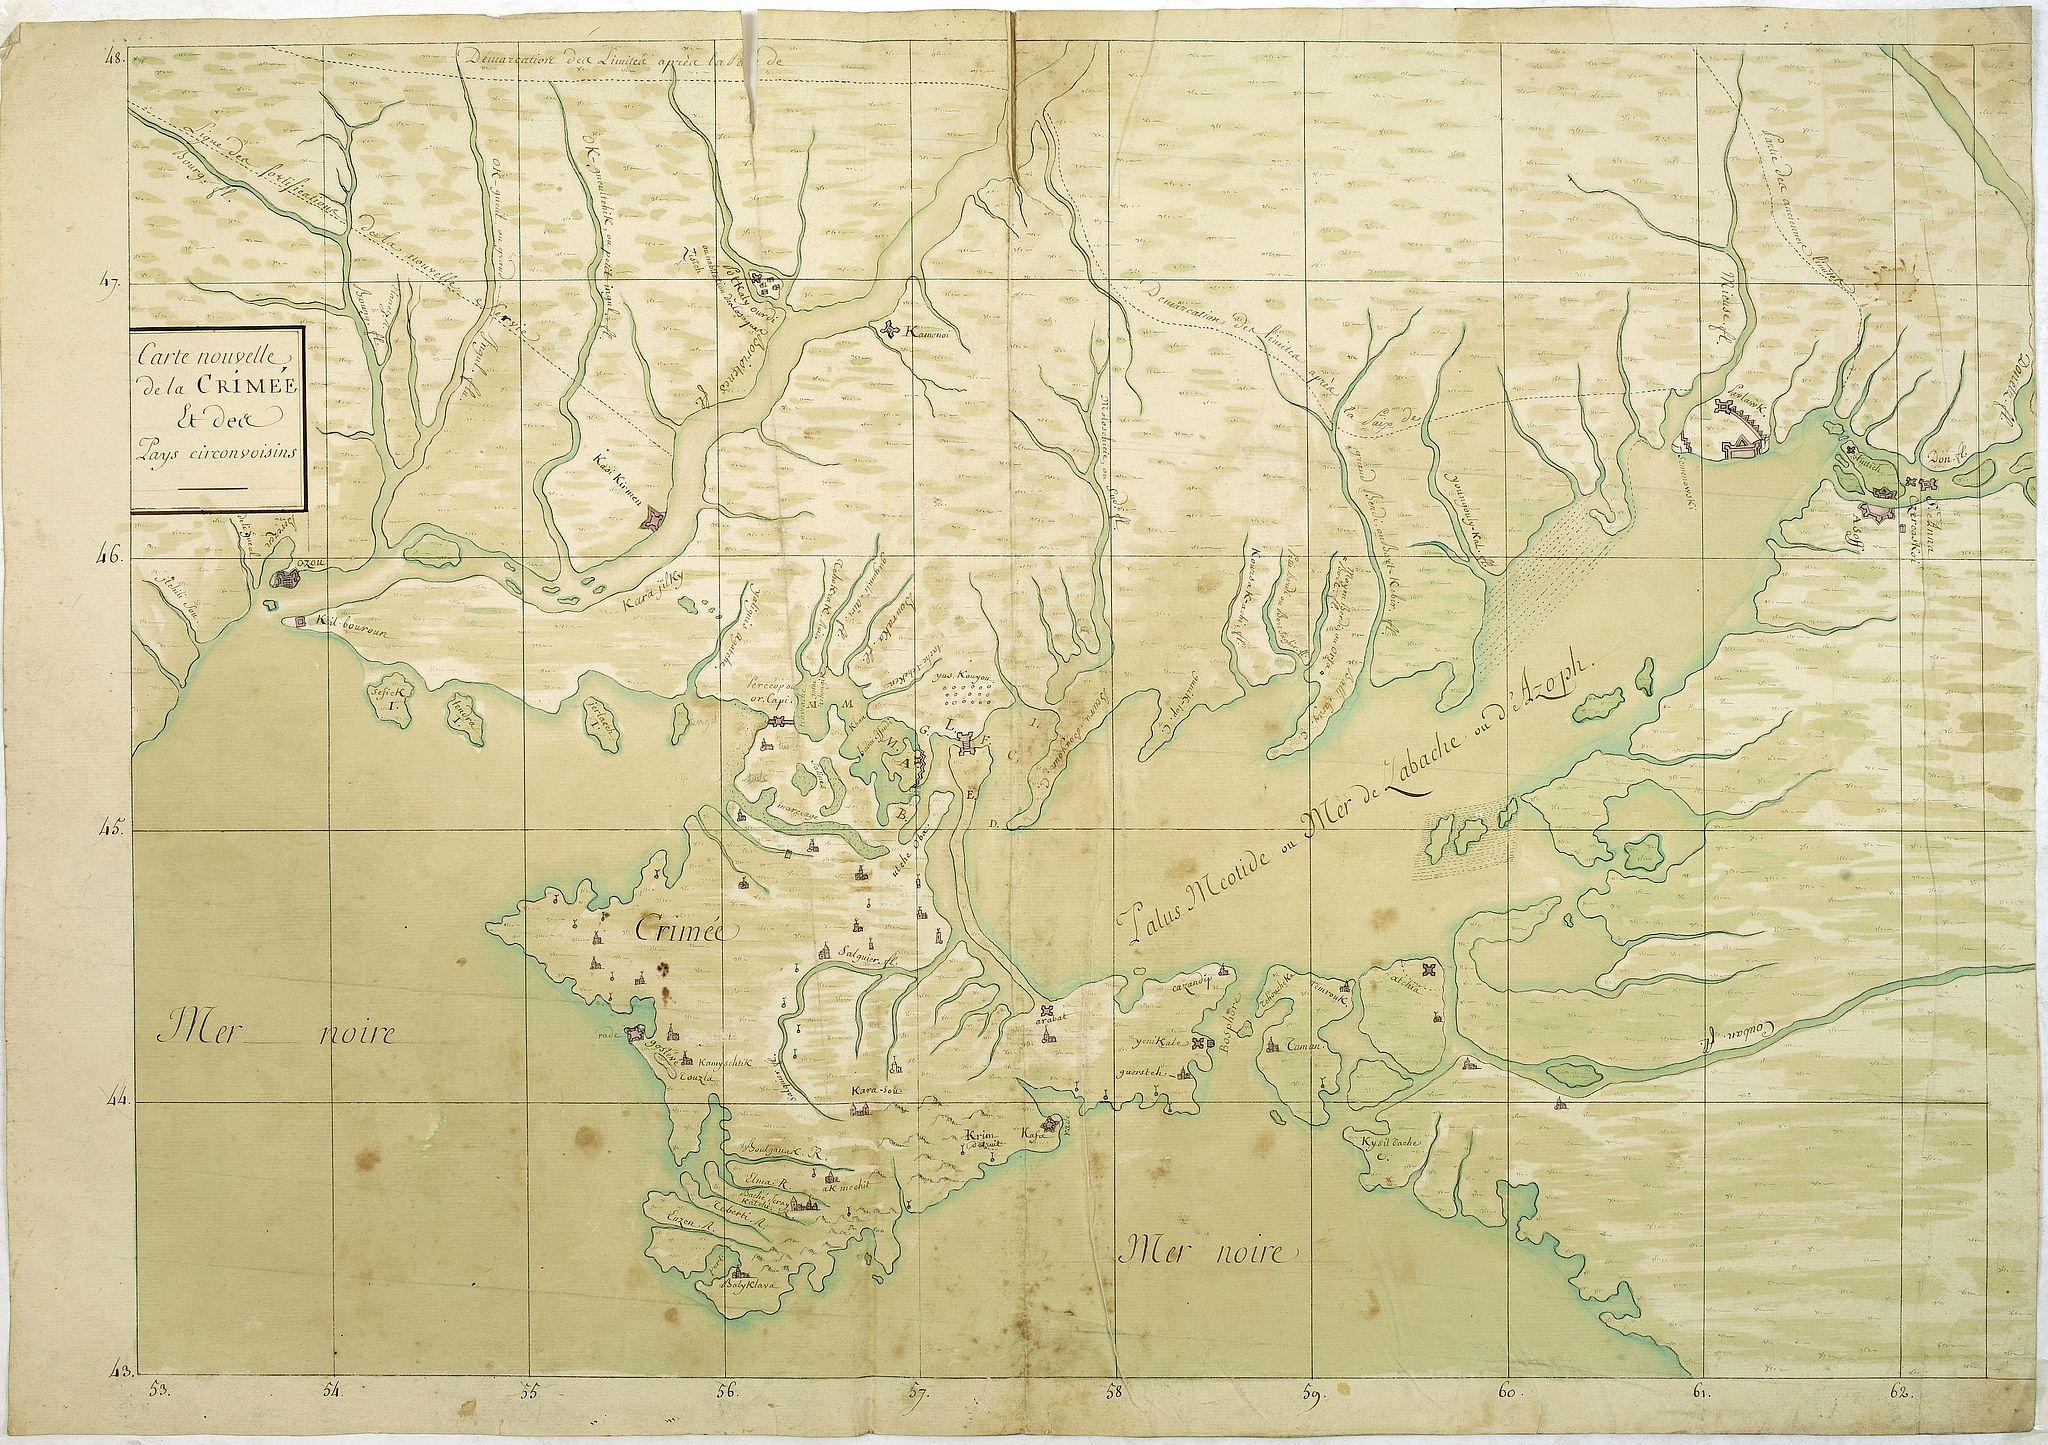 ANONYMOUS -  [MANUSCRIPT] Carte nouvelle de la Crimée et des pays circonvoisins.